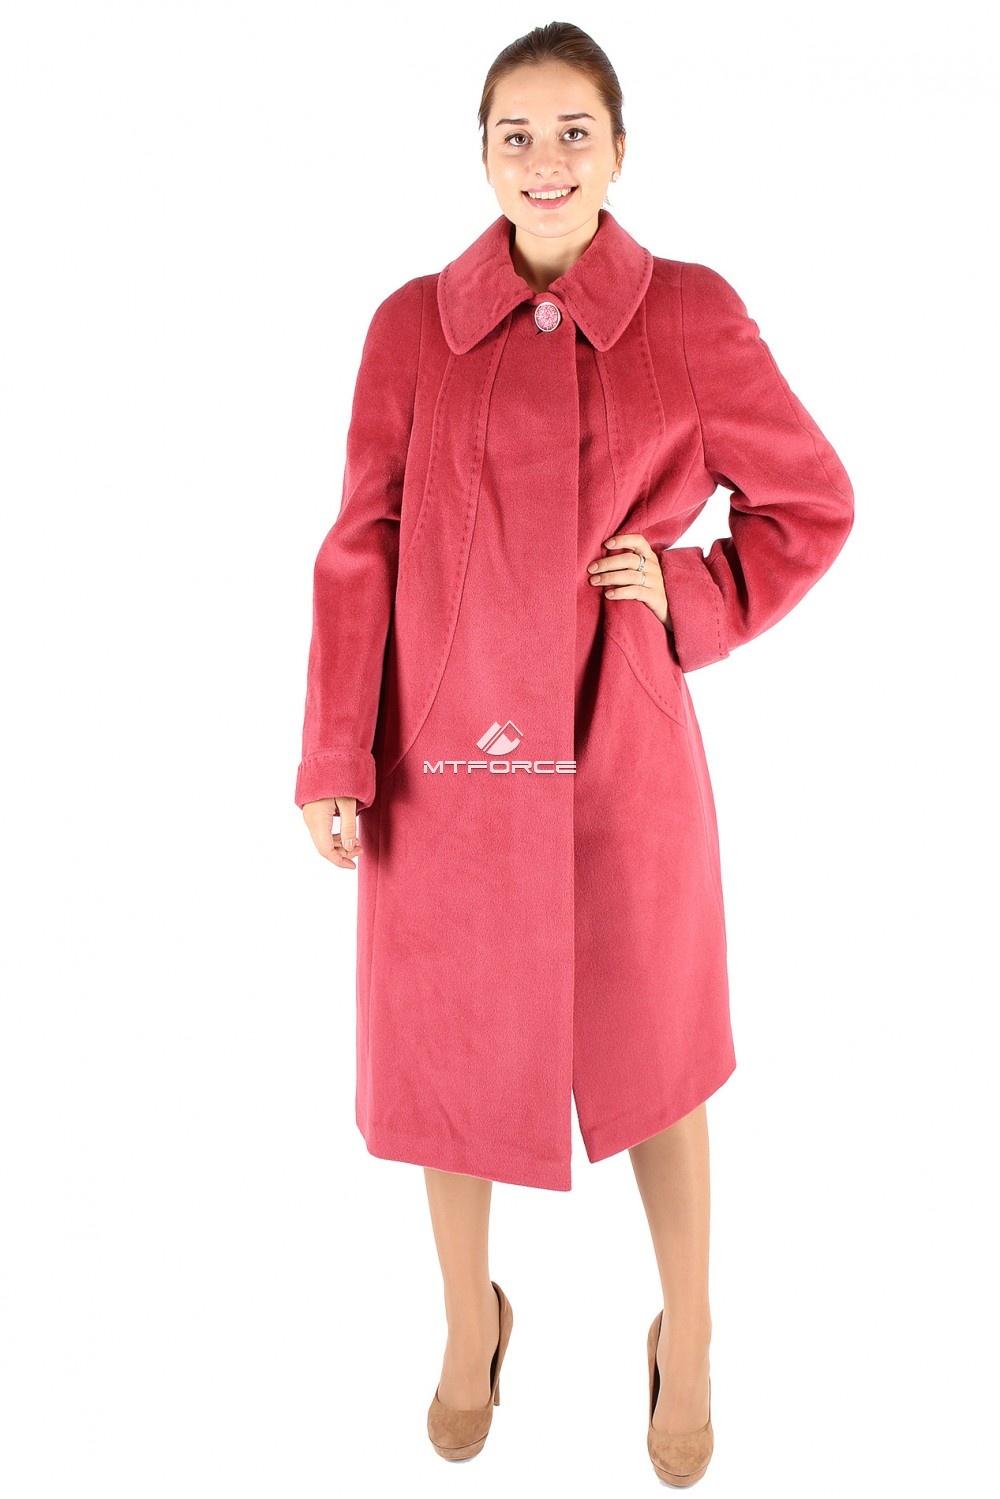 Купить                                  оптом Пальто женское малинового цвета 349-2M в Санкт-Петербурге